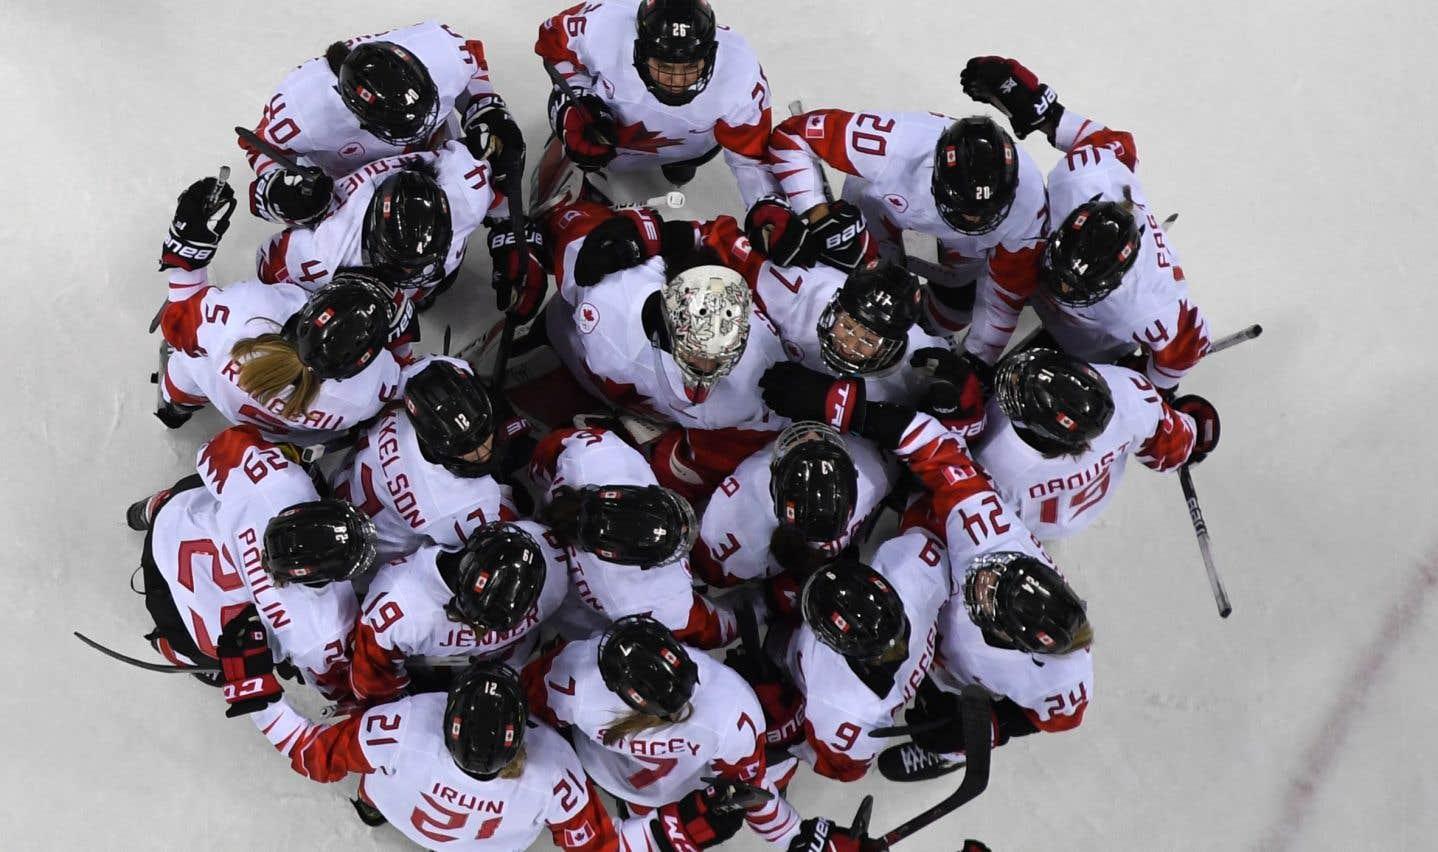 Les hockeyeuses canadiennes célèbrent leur victoire contre les athlètes olympiques russes.